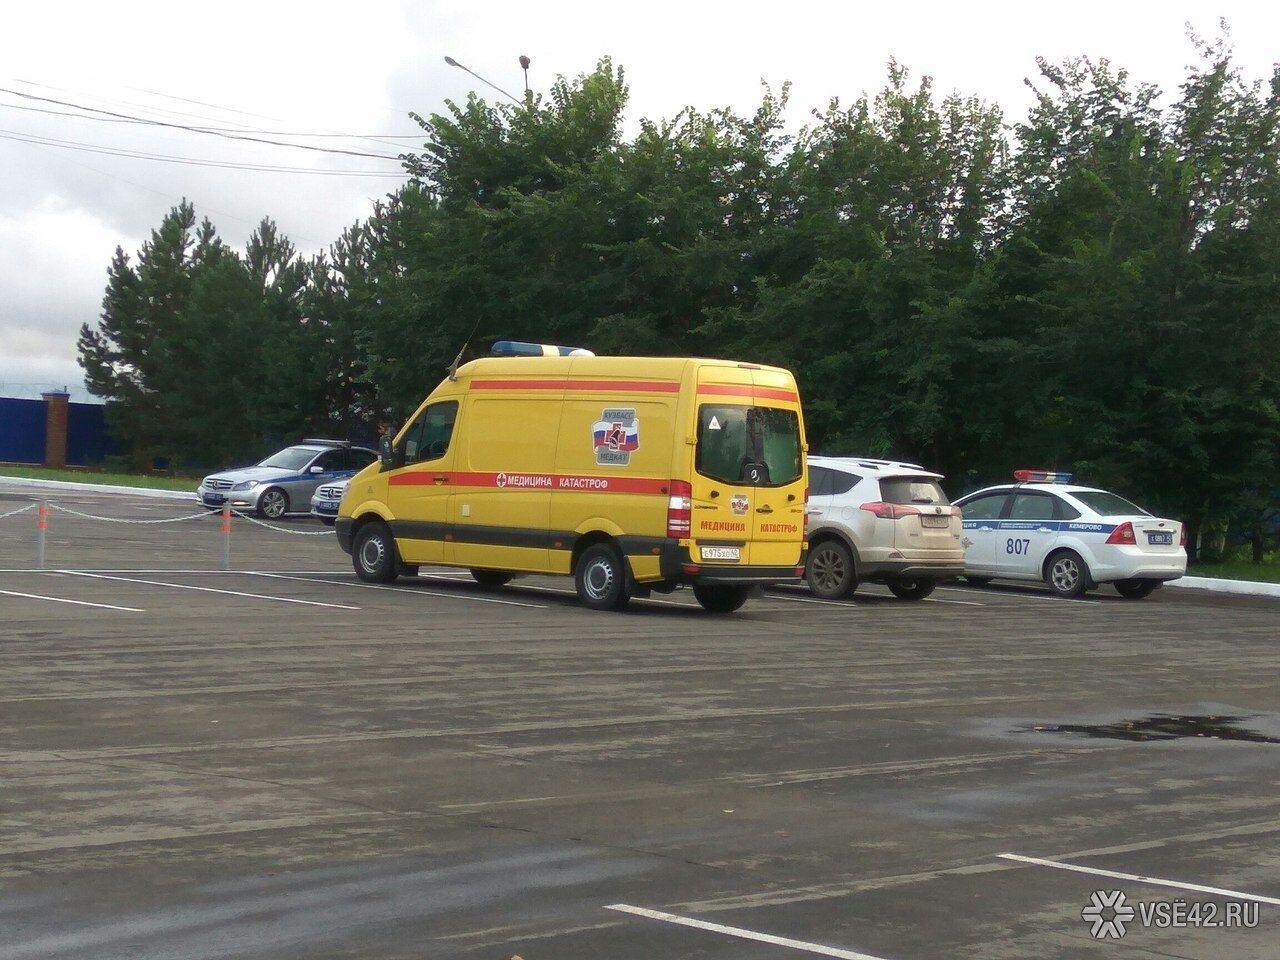 Тулеев вернулся вКузбасс после реабилитации в столице России